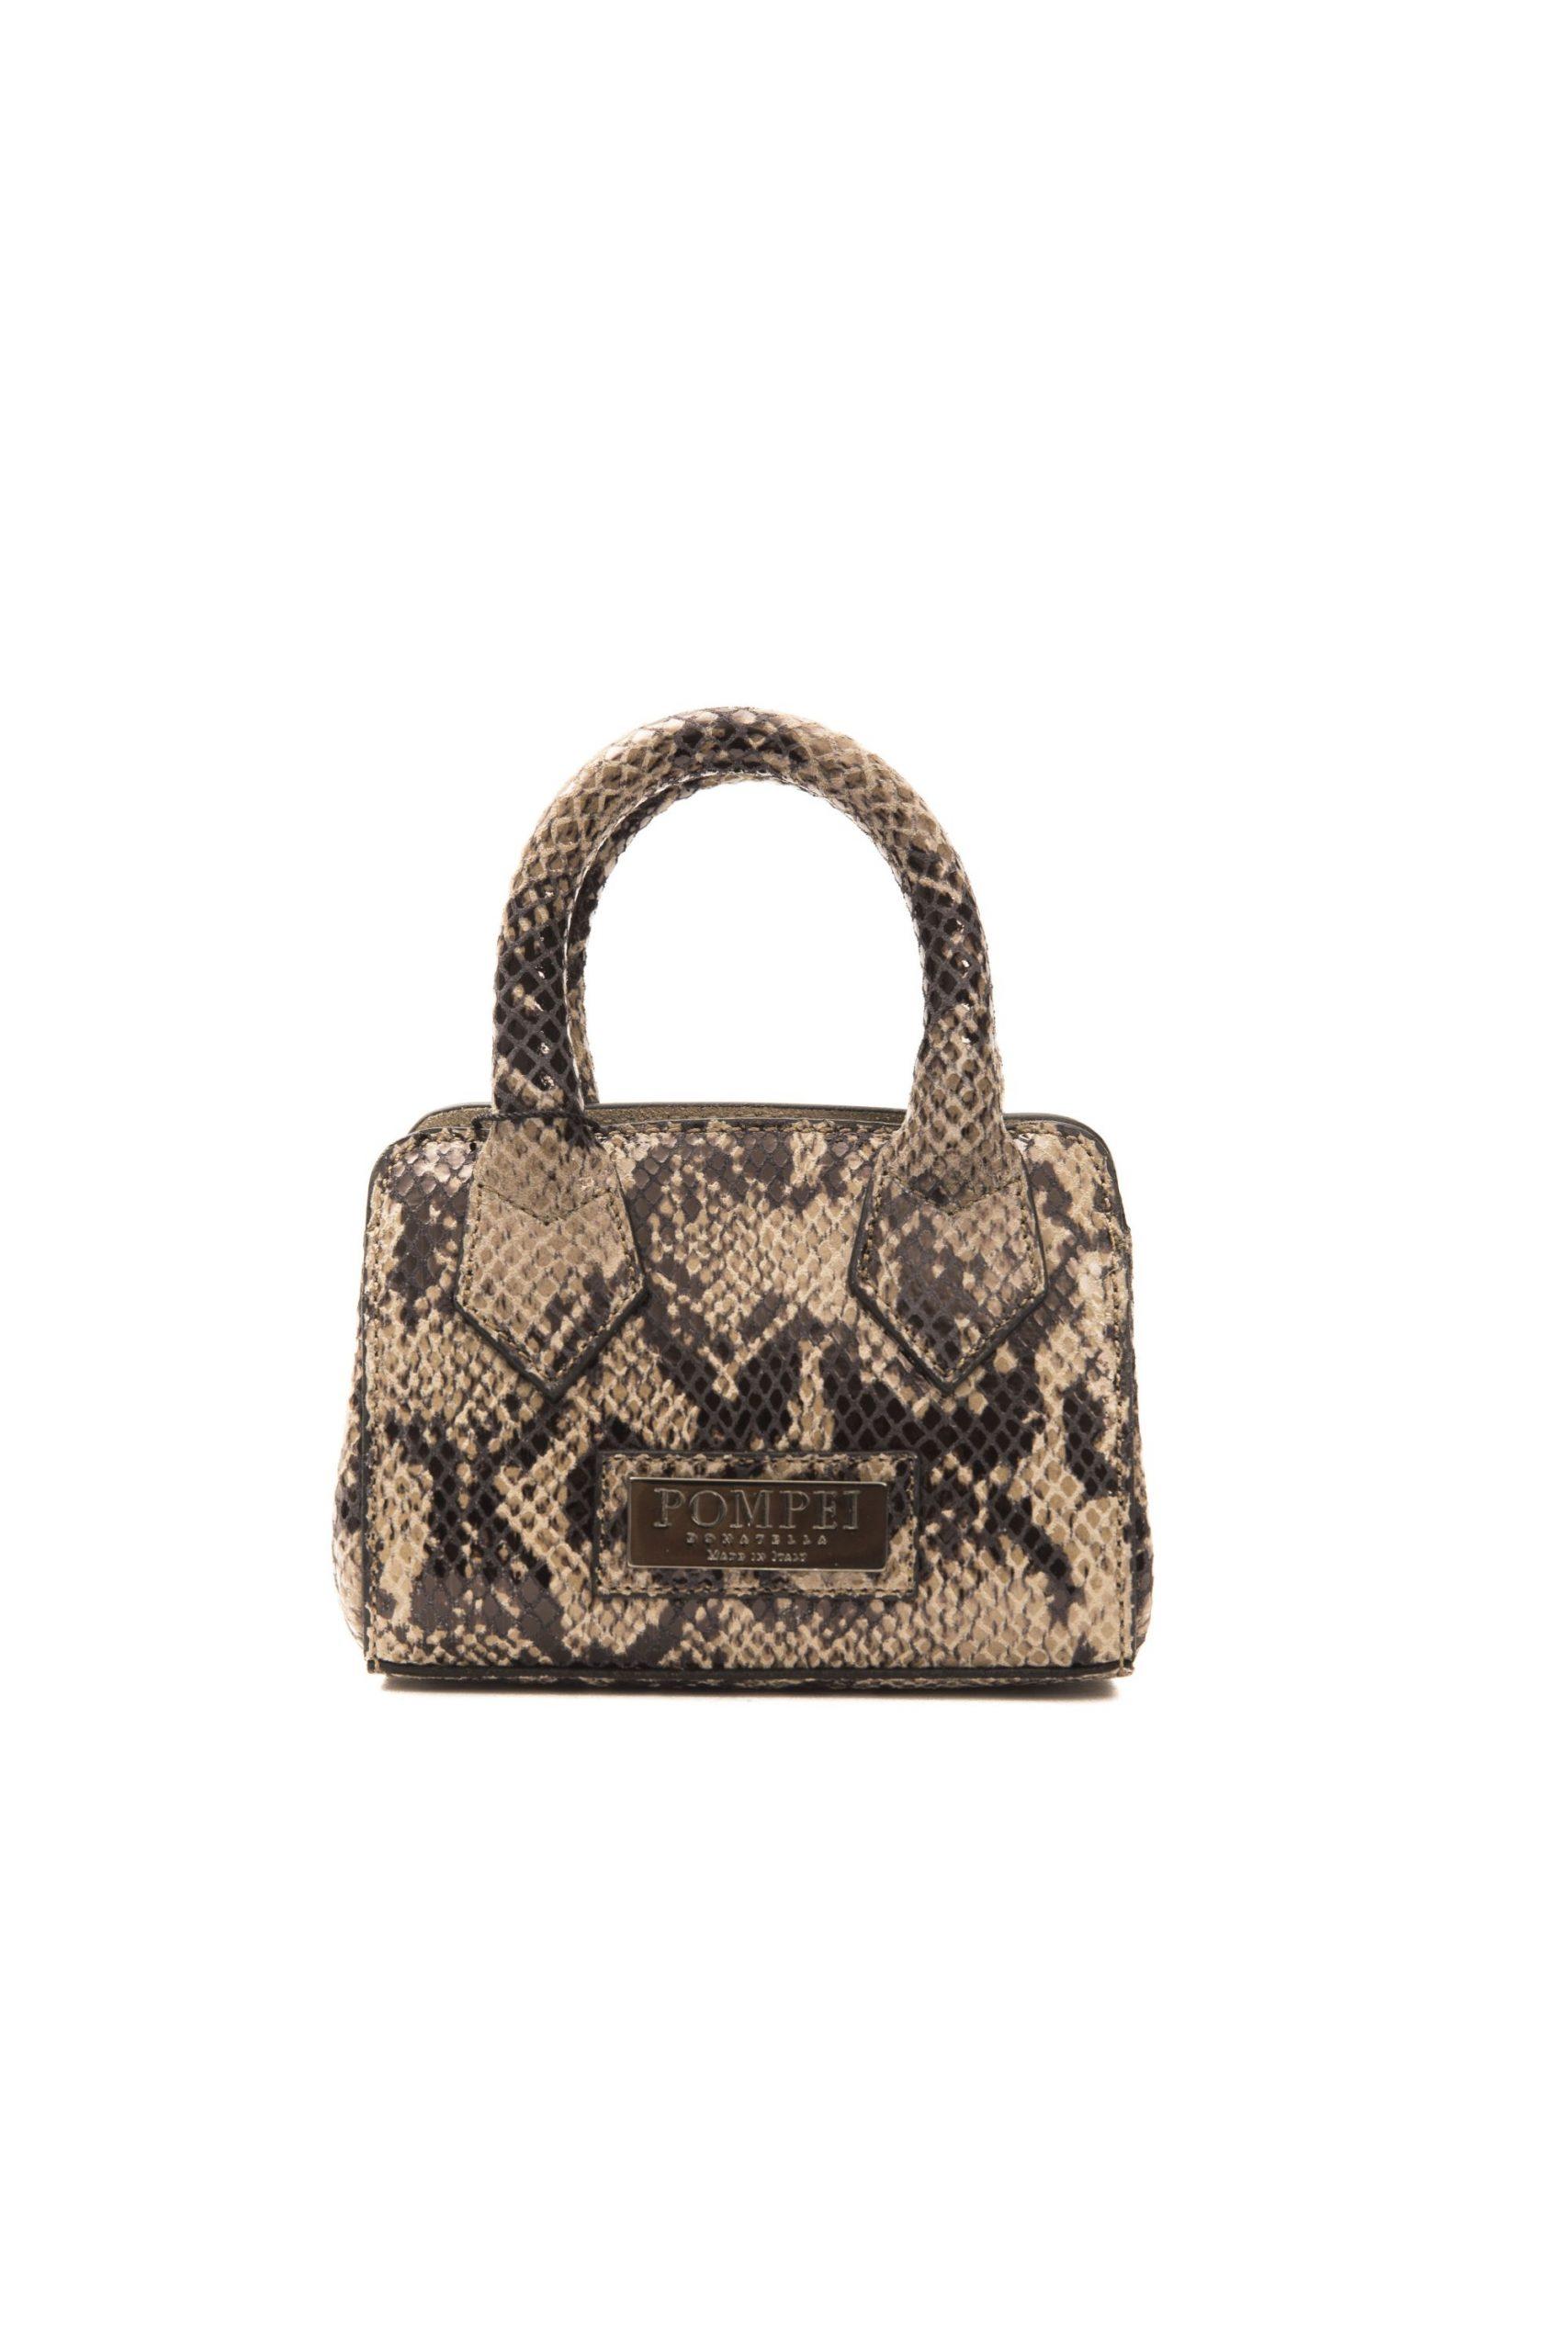 Pompei Donatella Women's Handbag Brown PO667786